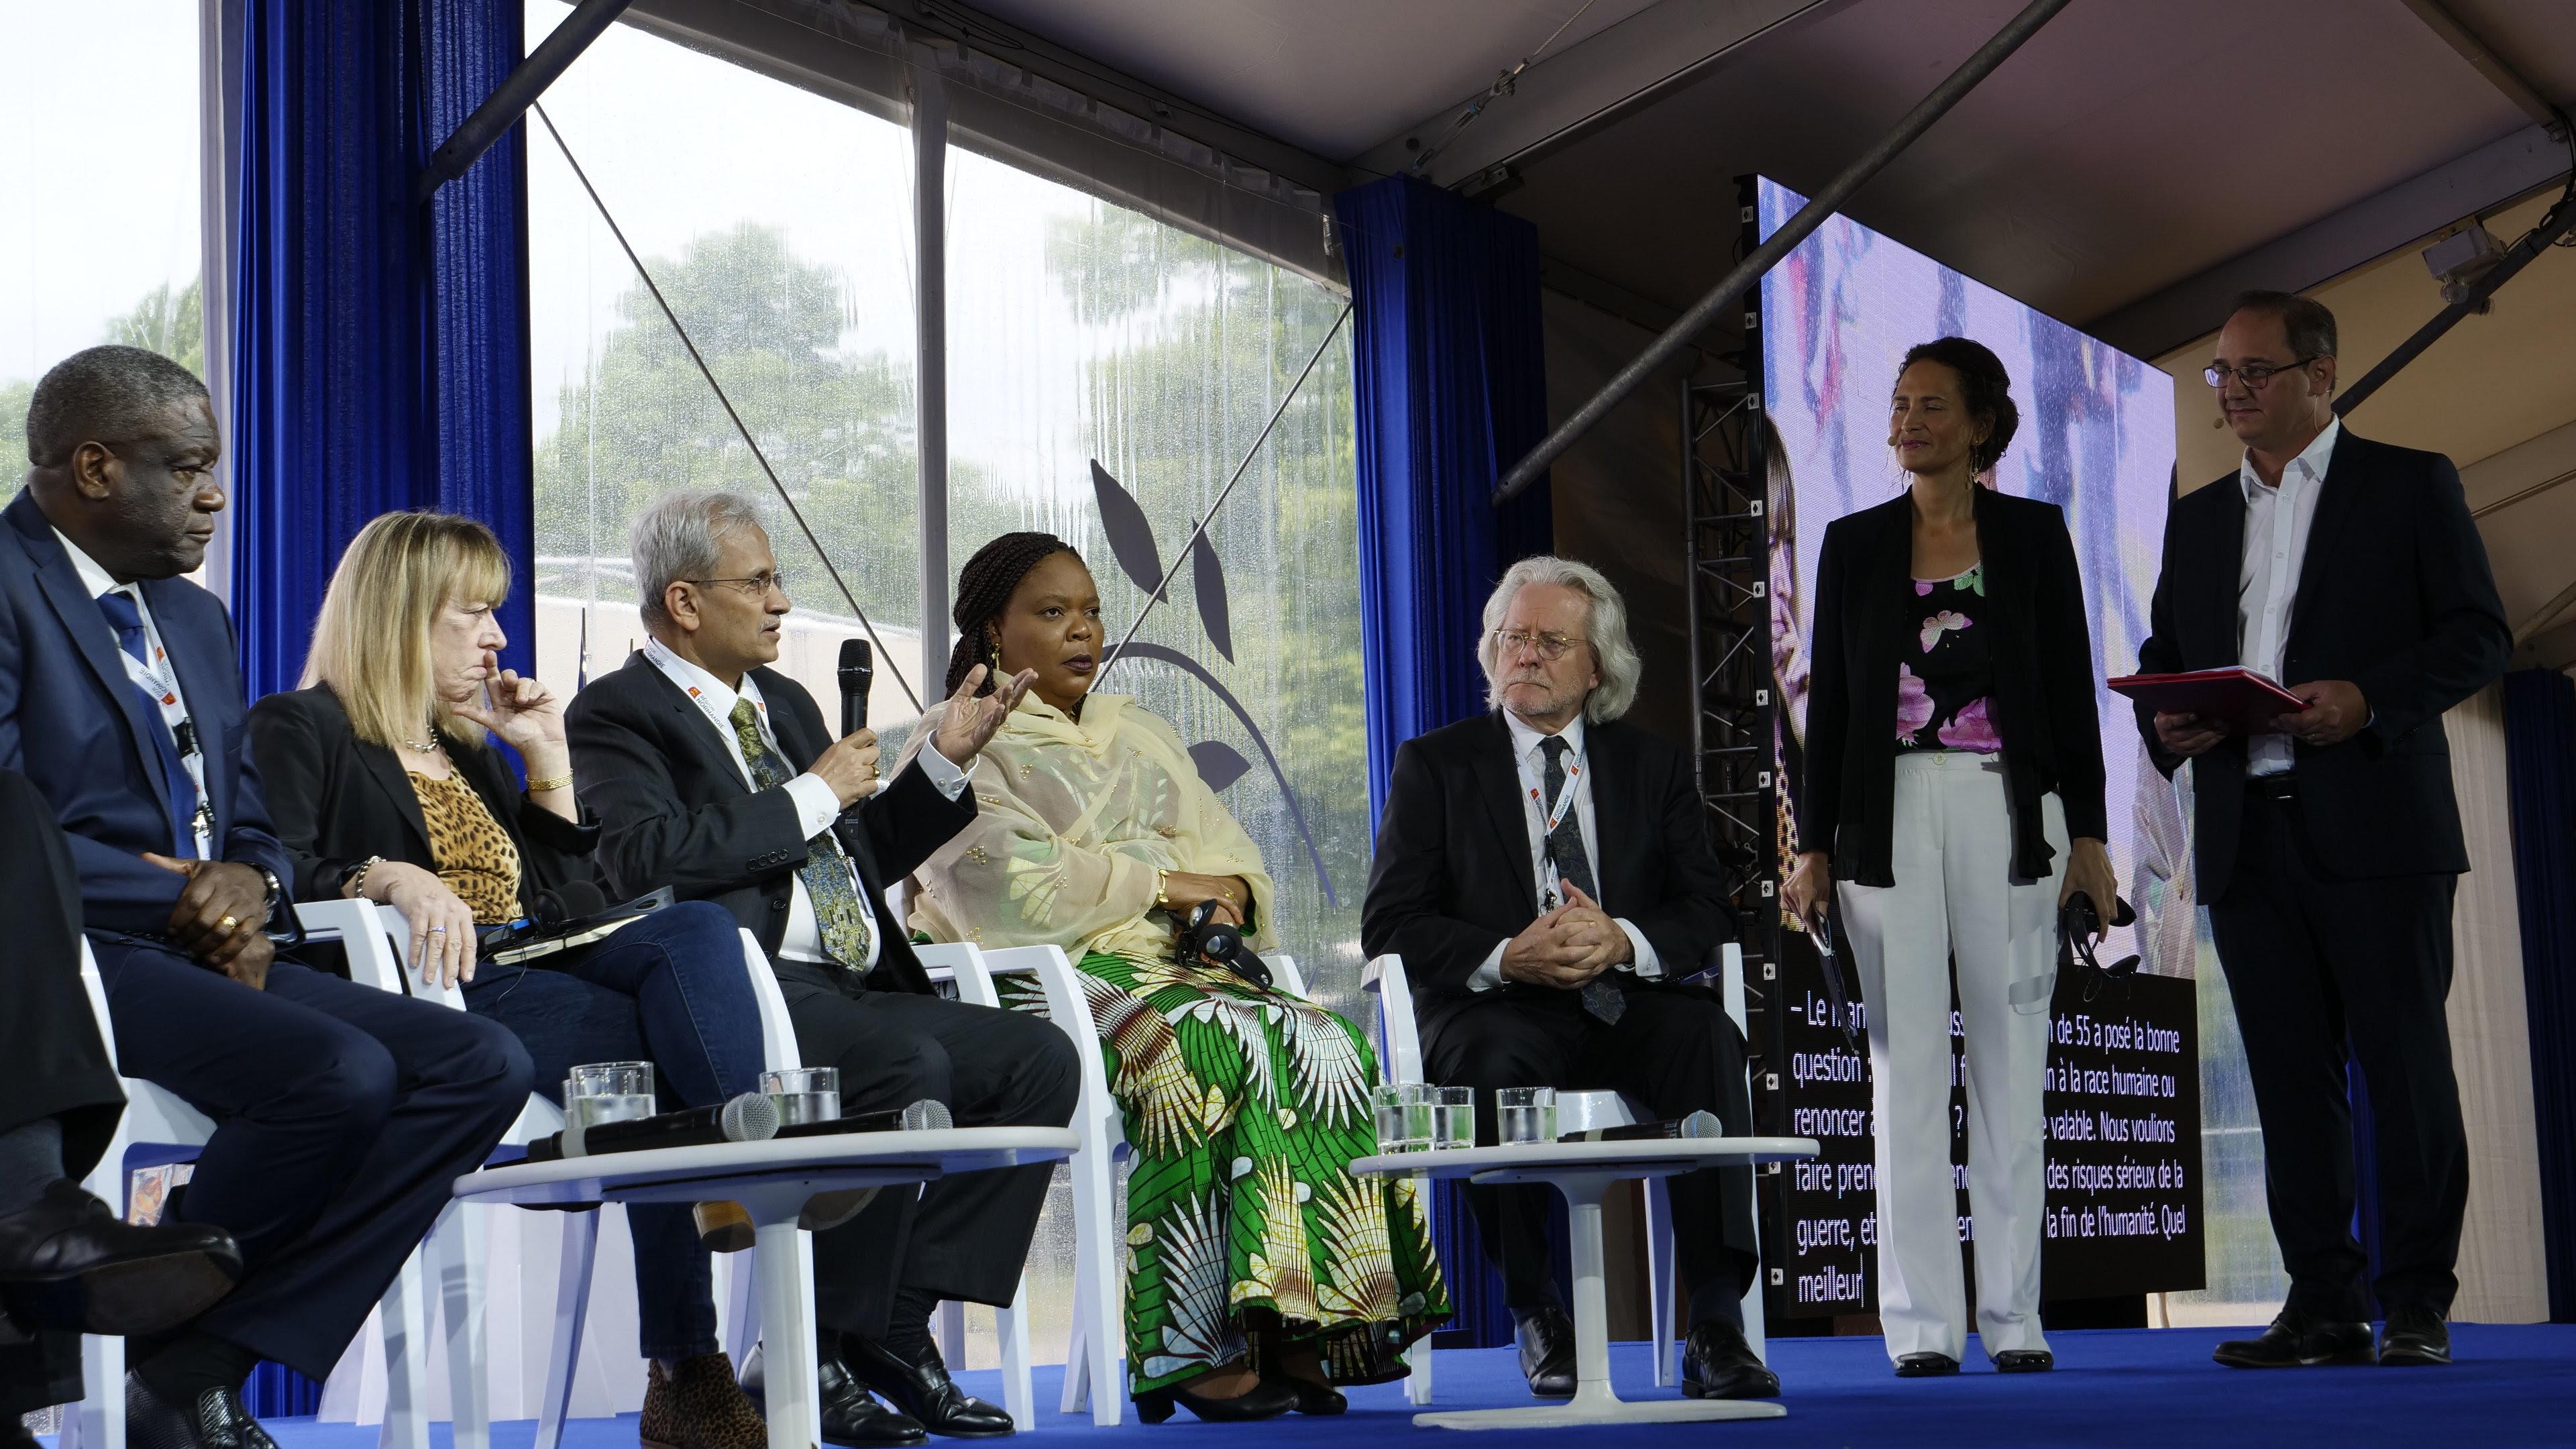 De gauche à droite : D. Mukwege, J. Williams, S. Waslekar, L. Gbowee, A. Grayling, F. Bedos, F-X. Priollaud